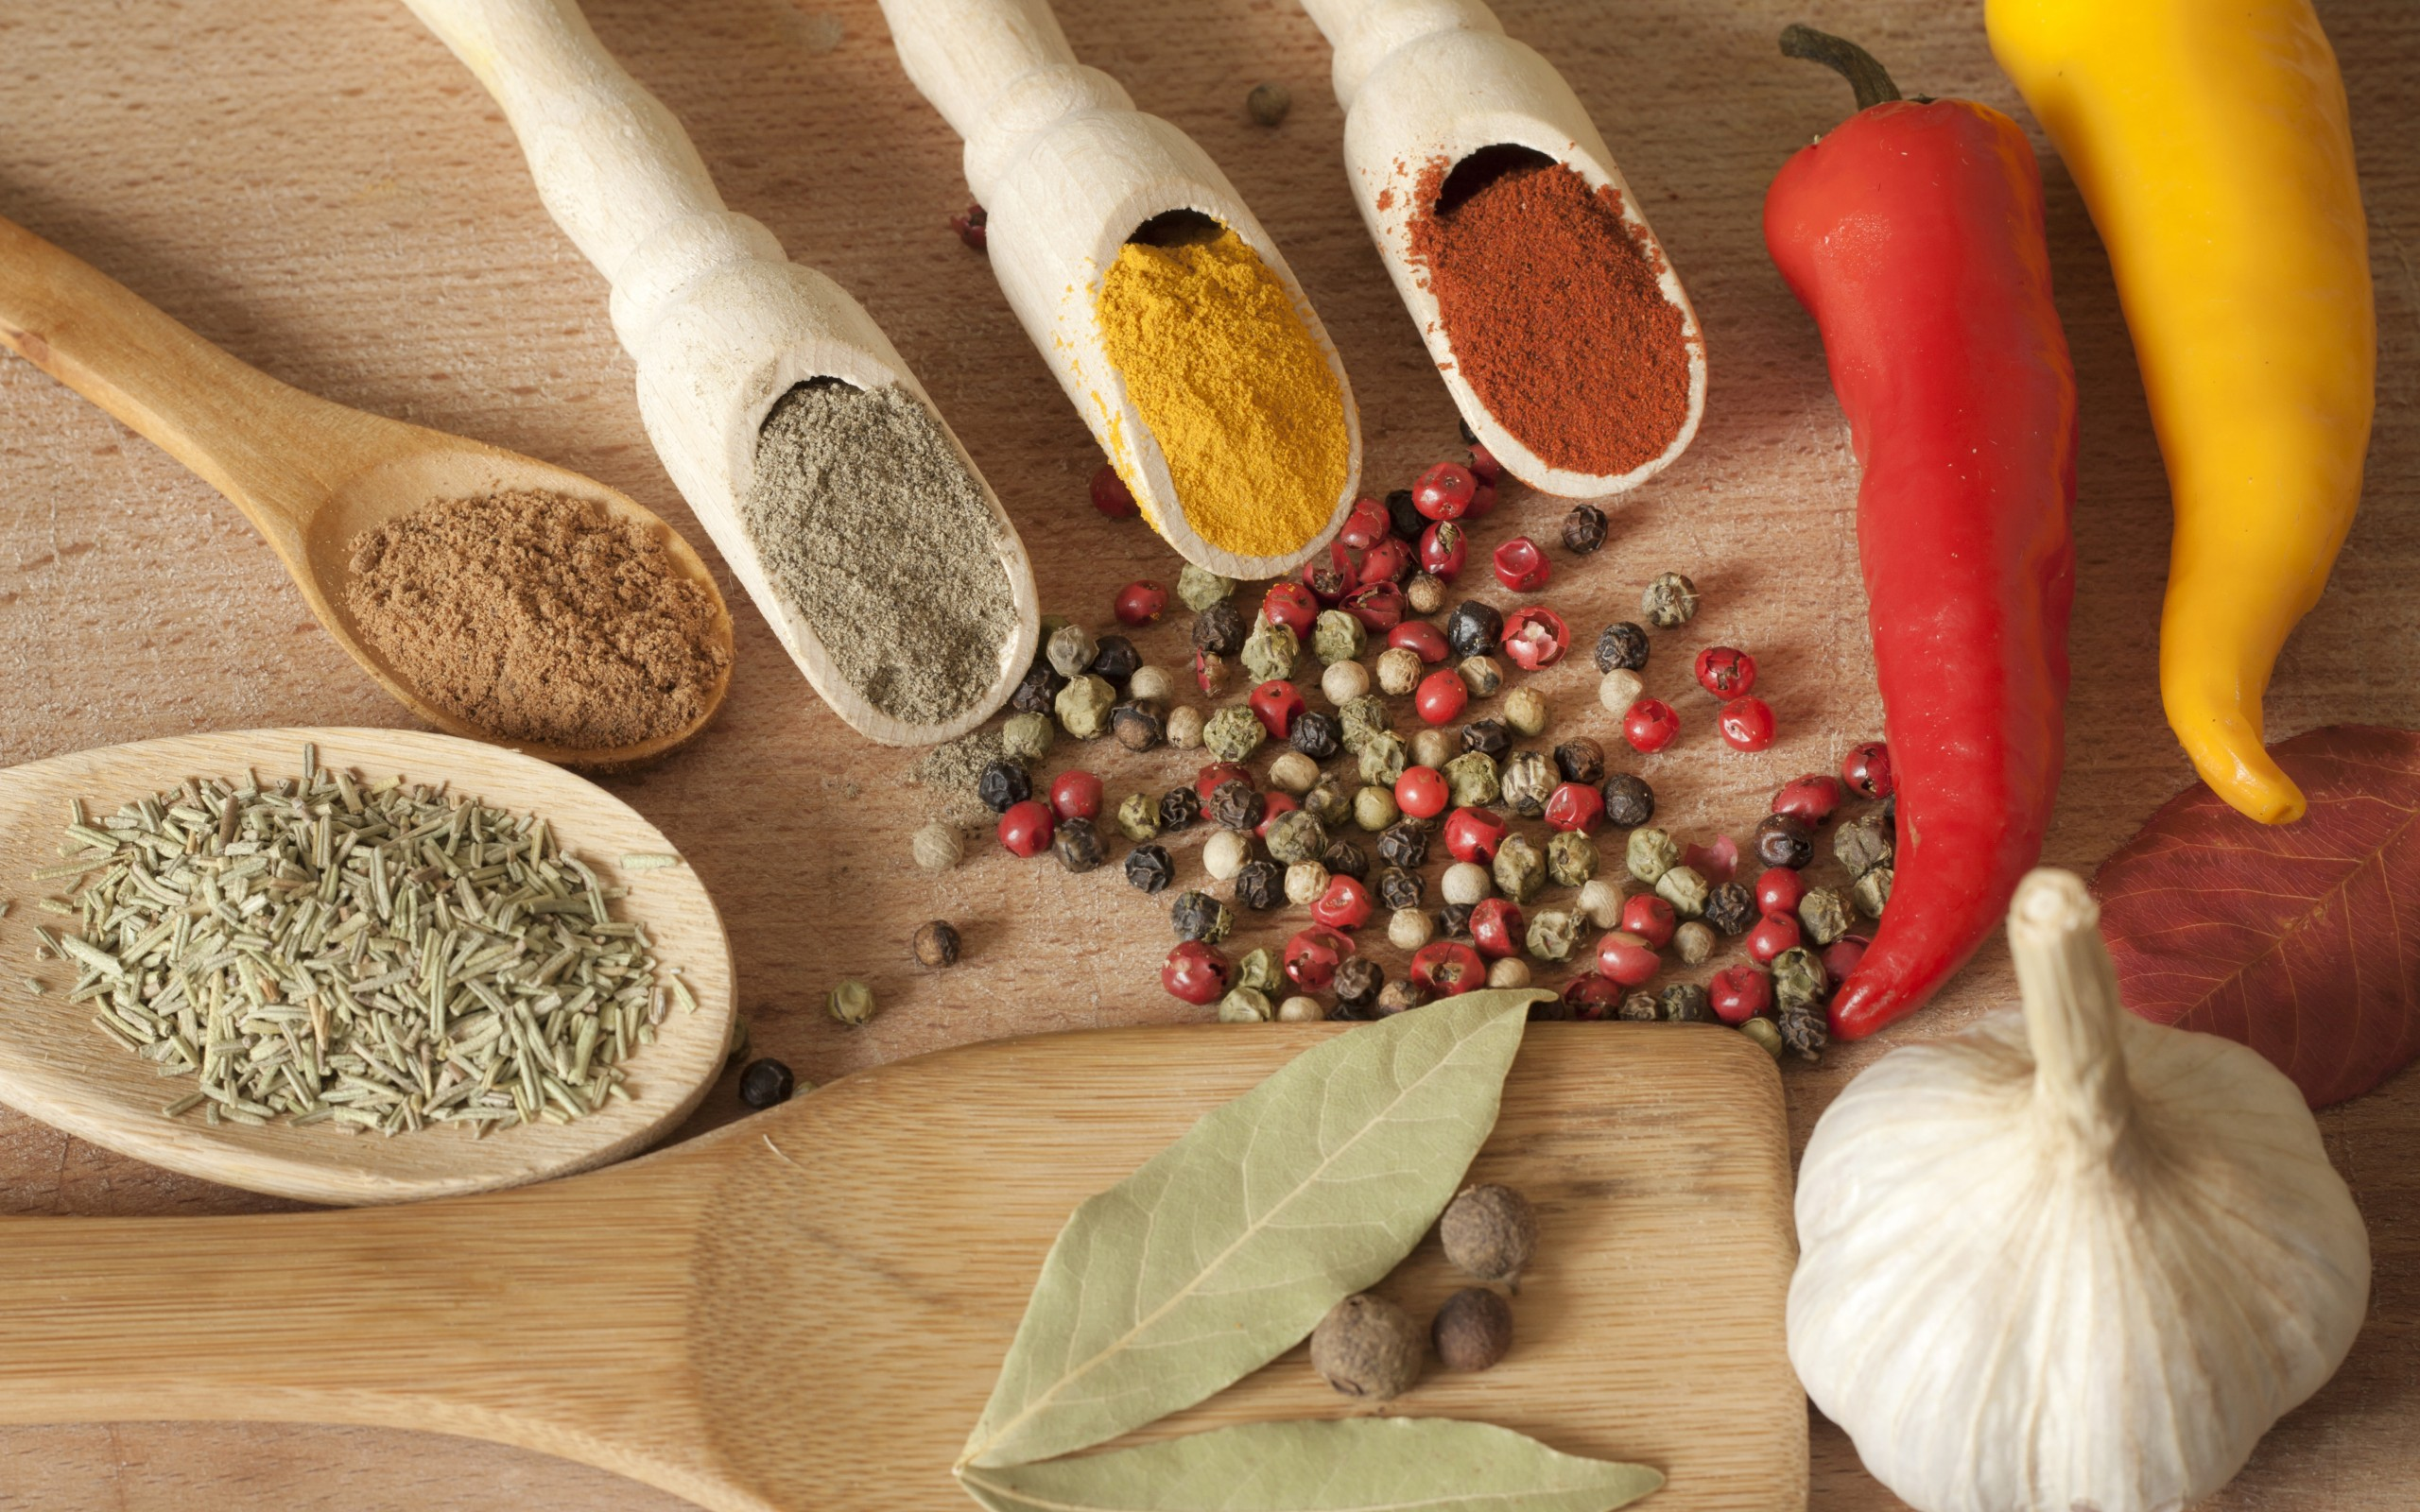 болгарский перец семечки плодоножка без смс